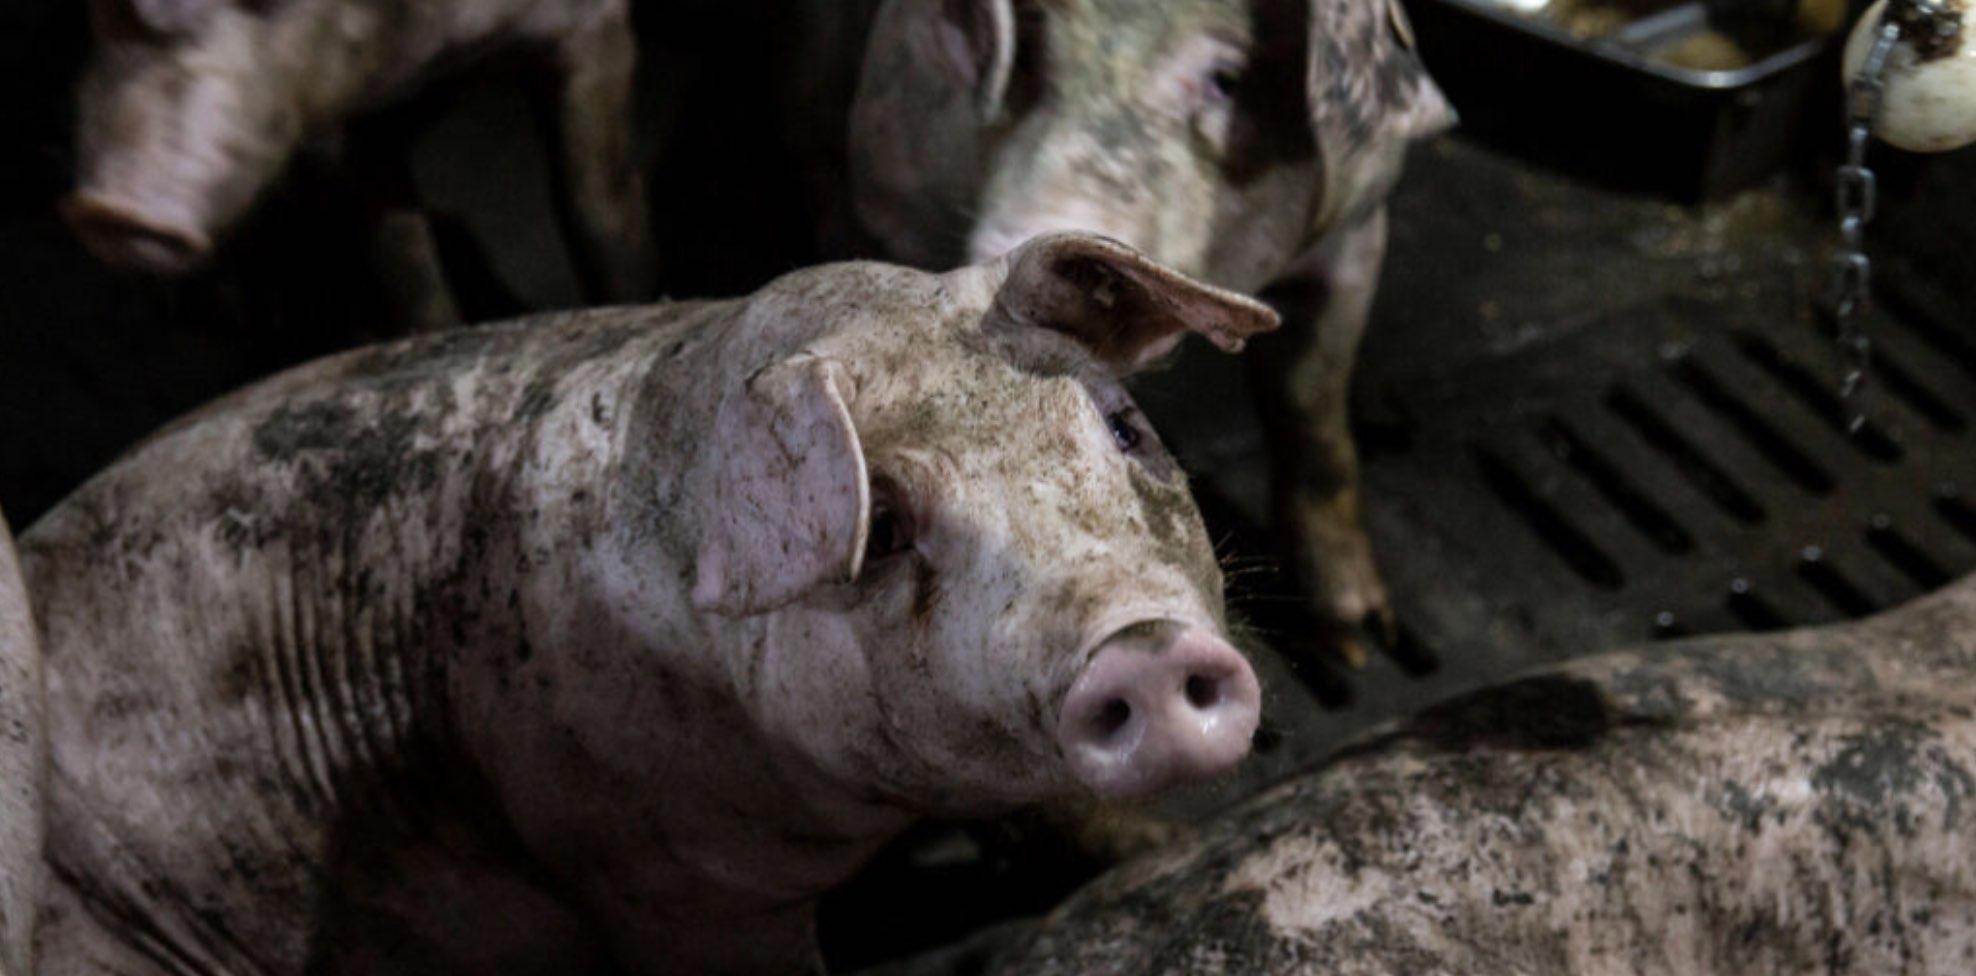 China, Cerdos, Alimentos, Gripe porcina